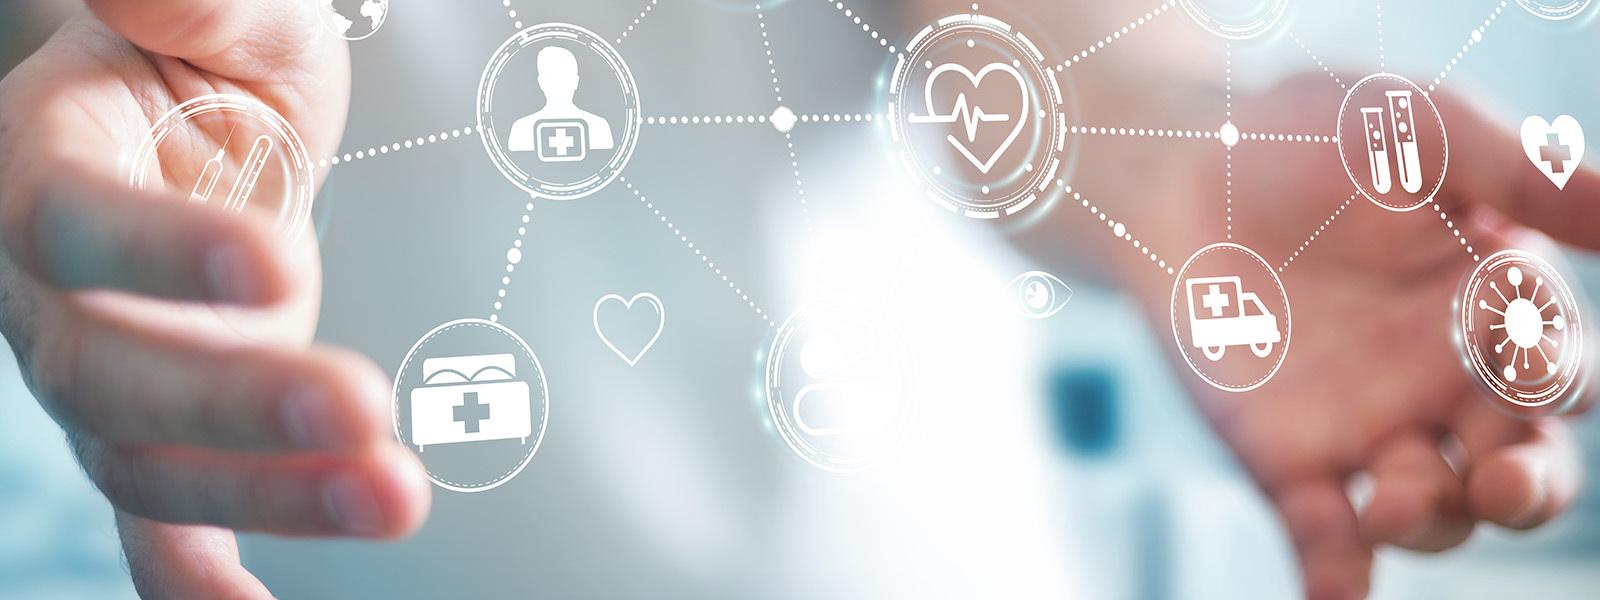 Digital Symbols Of Health Benefit Providers Between Two Hands